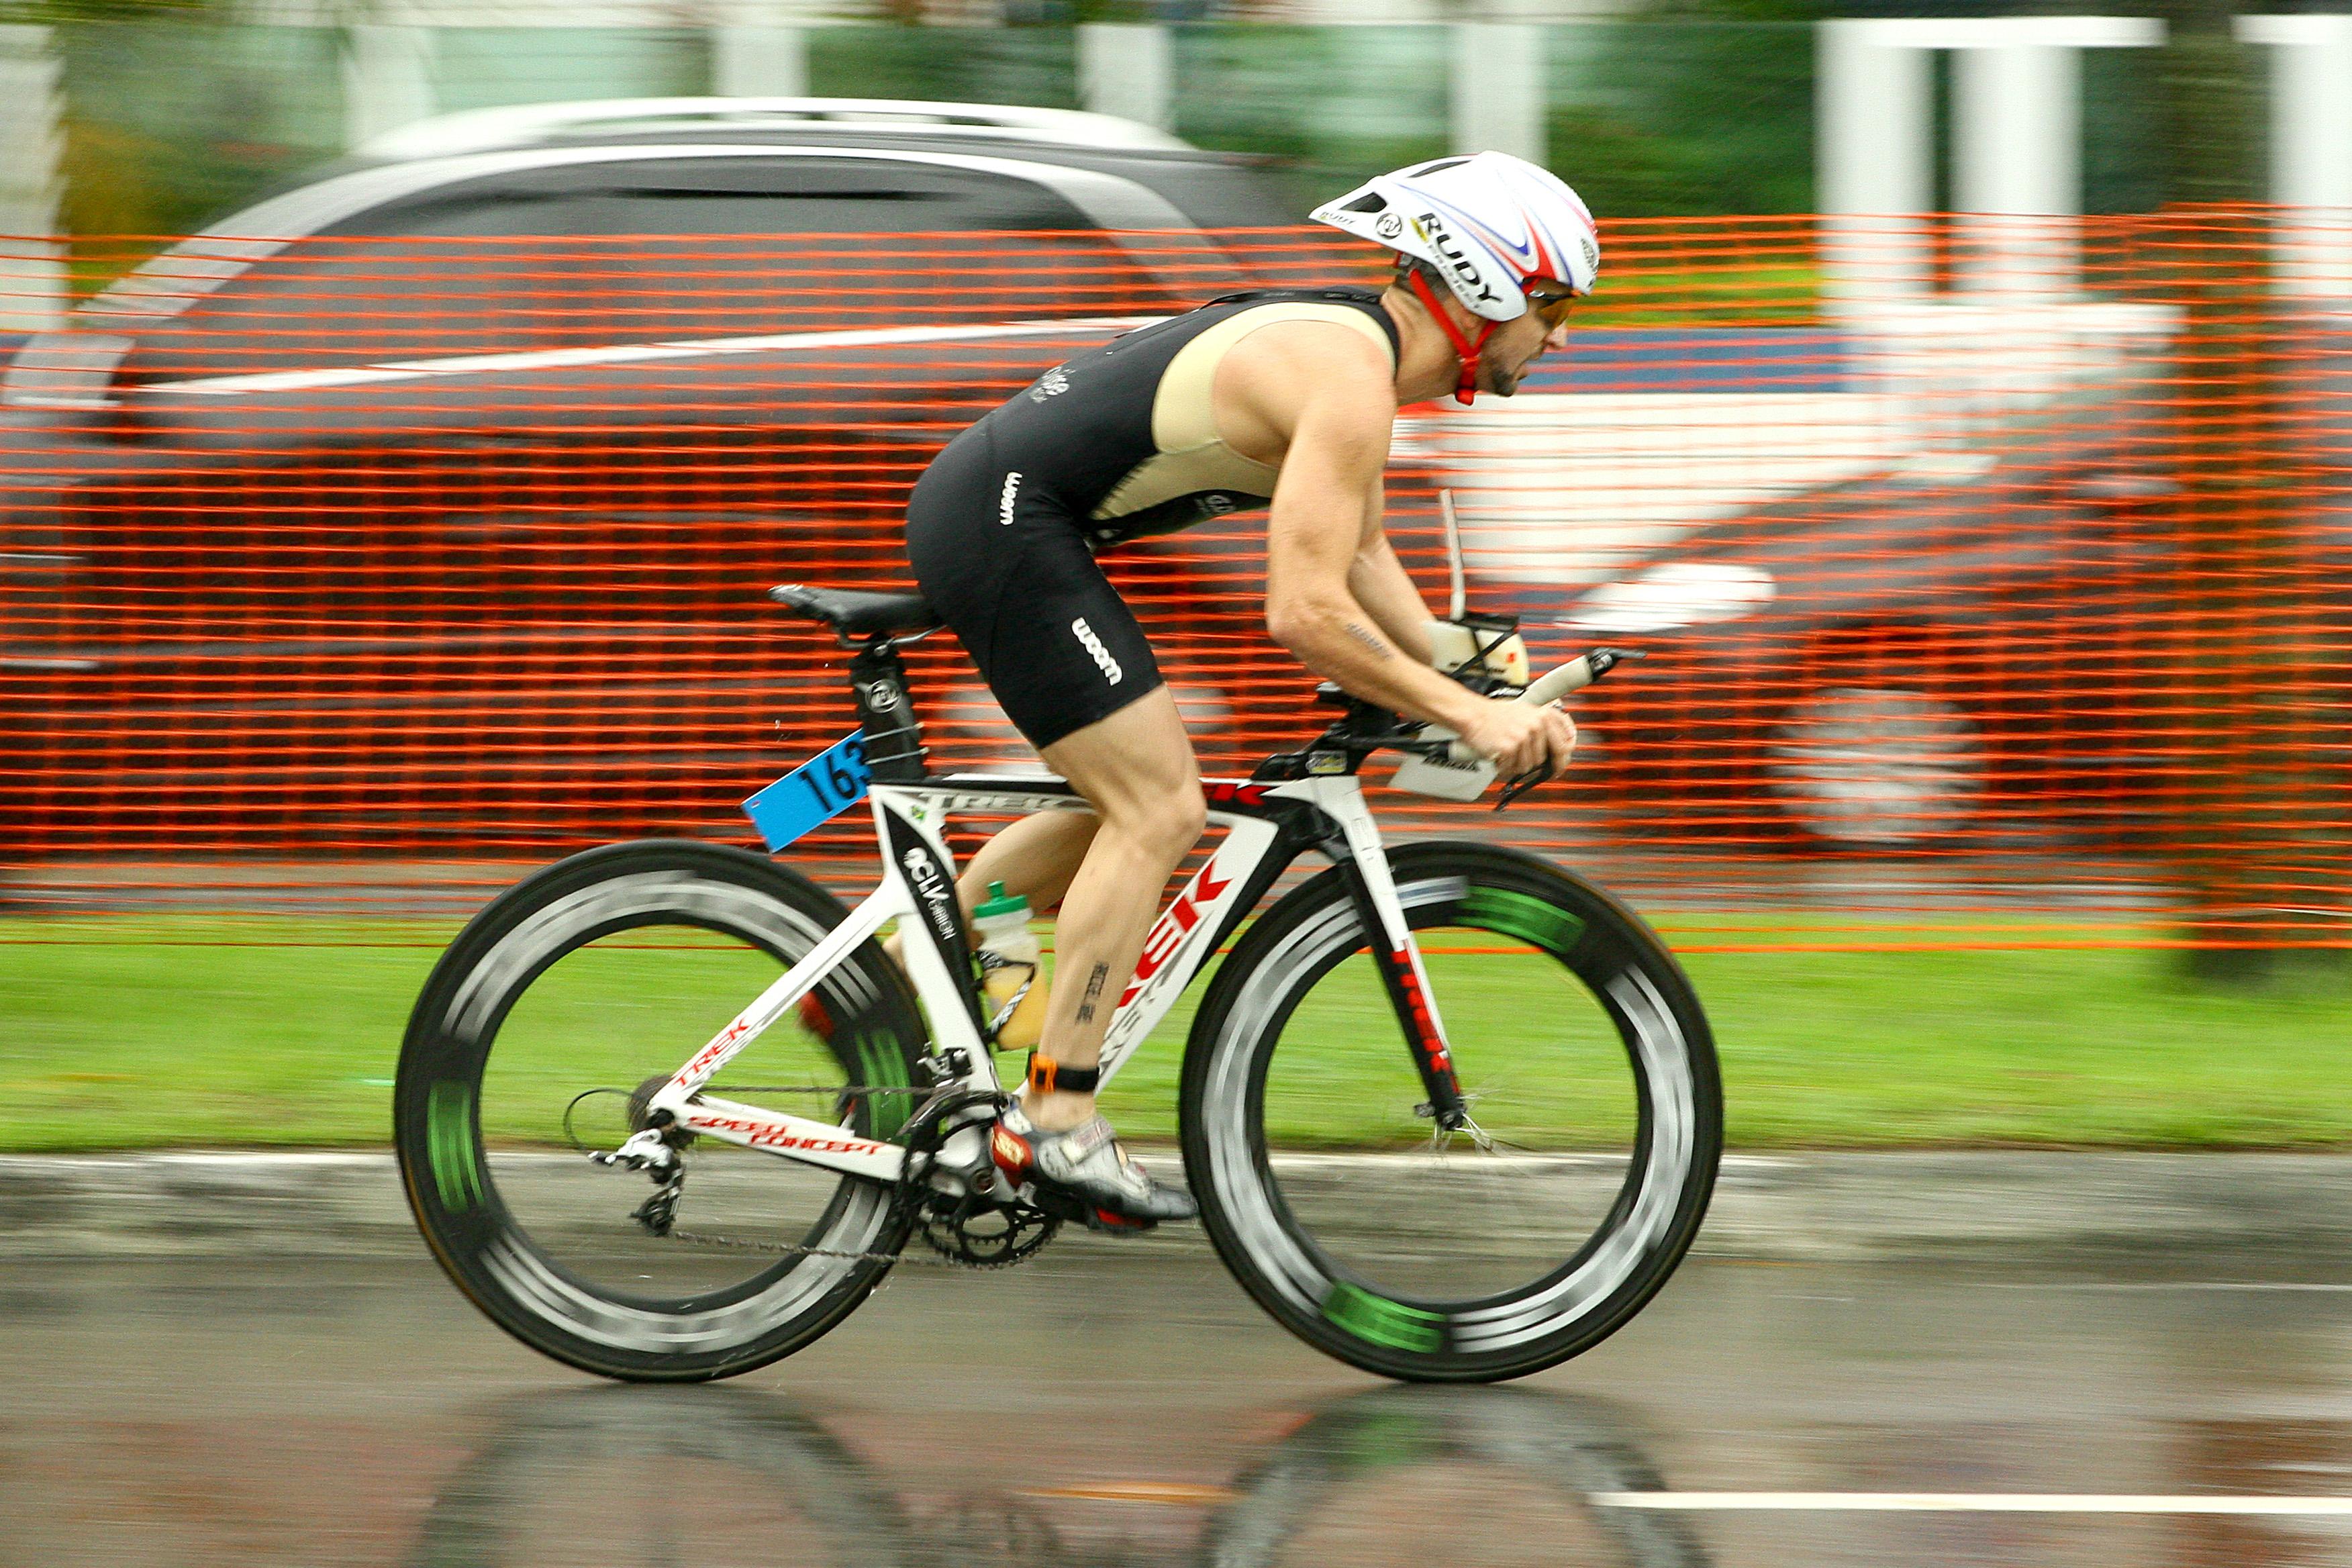 Flavio Jose no Ciclismo - 1a. Etapa do Troféu Brasil de Triathlon. Foto Marcelo Torrigo